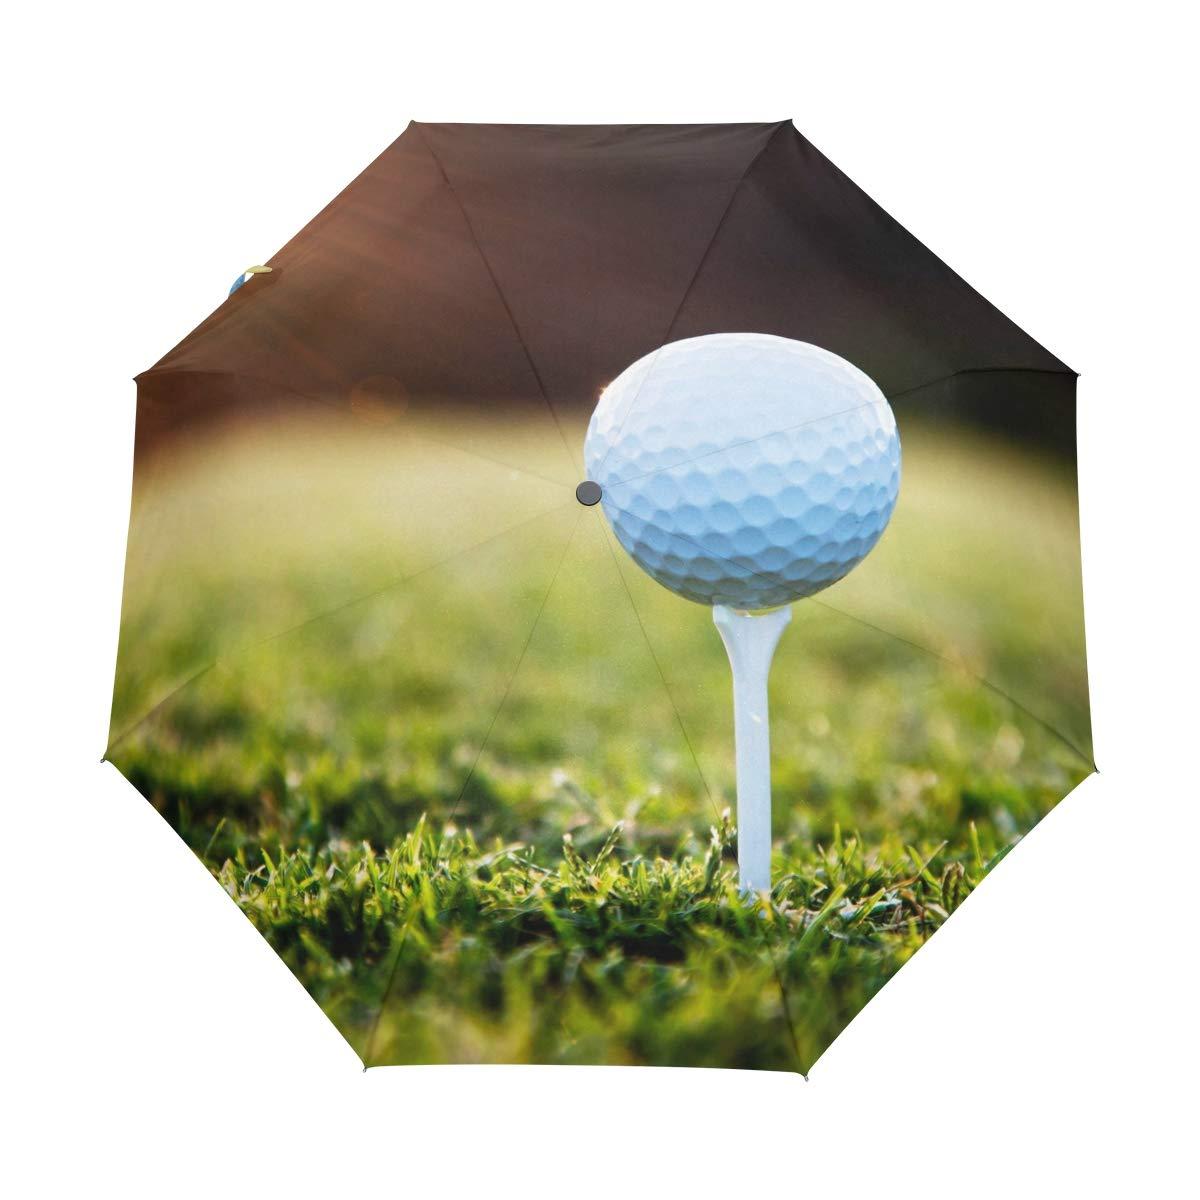 WXLIFE ゴルフボール スポーツ サンセット ガラス 自動折りたたみ 防風 紫外線対策 旅行 女の子 キッズ メンズ   B07GWHWRXC